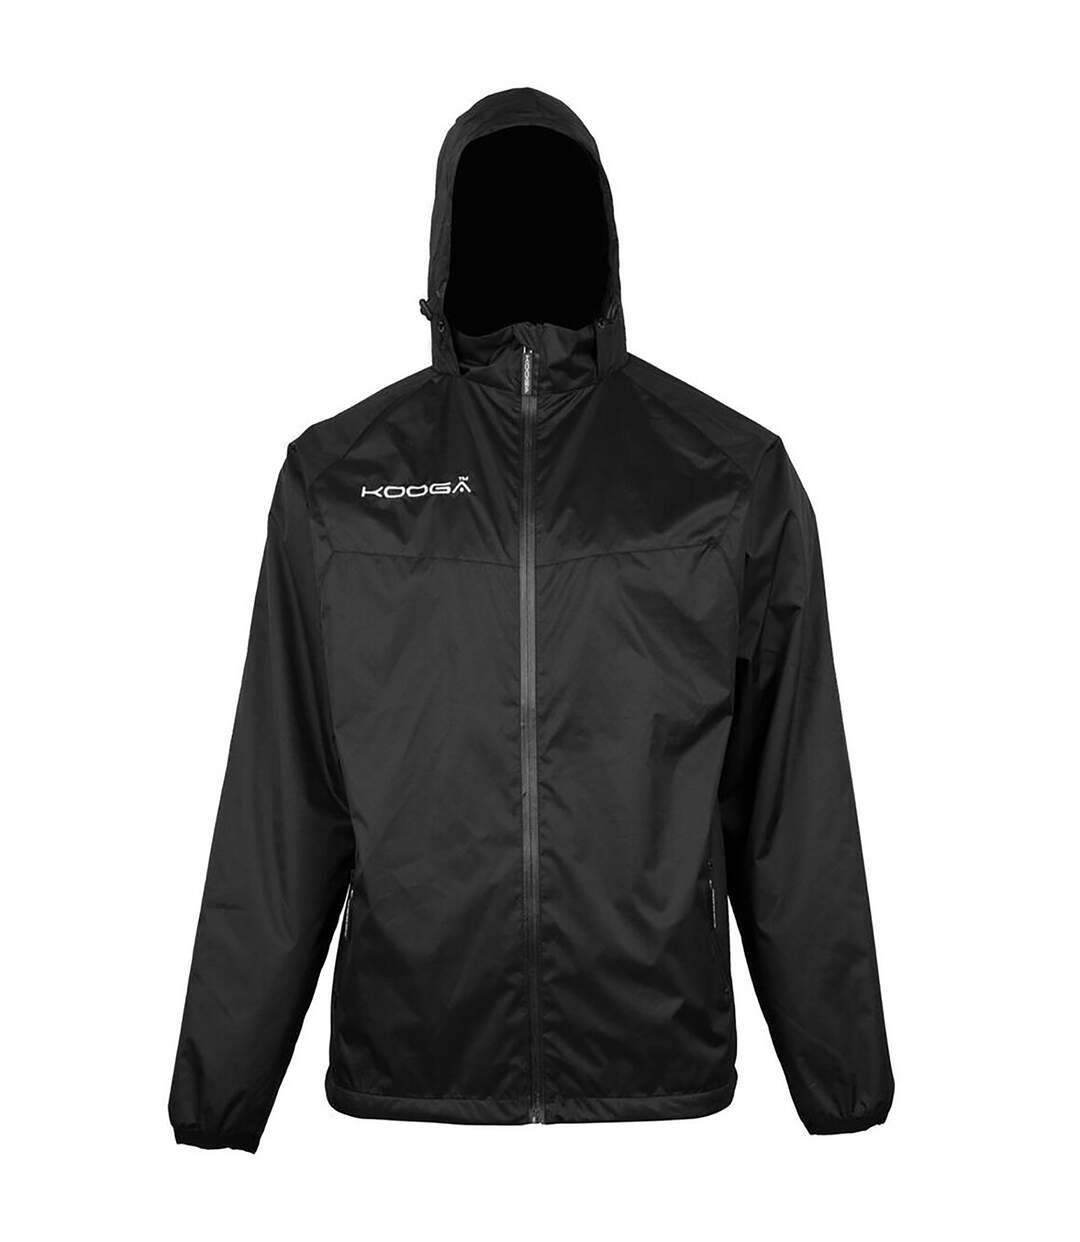 KooGa Unisex Adult Elite Barrier Jacket (Black) - UTRW5129